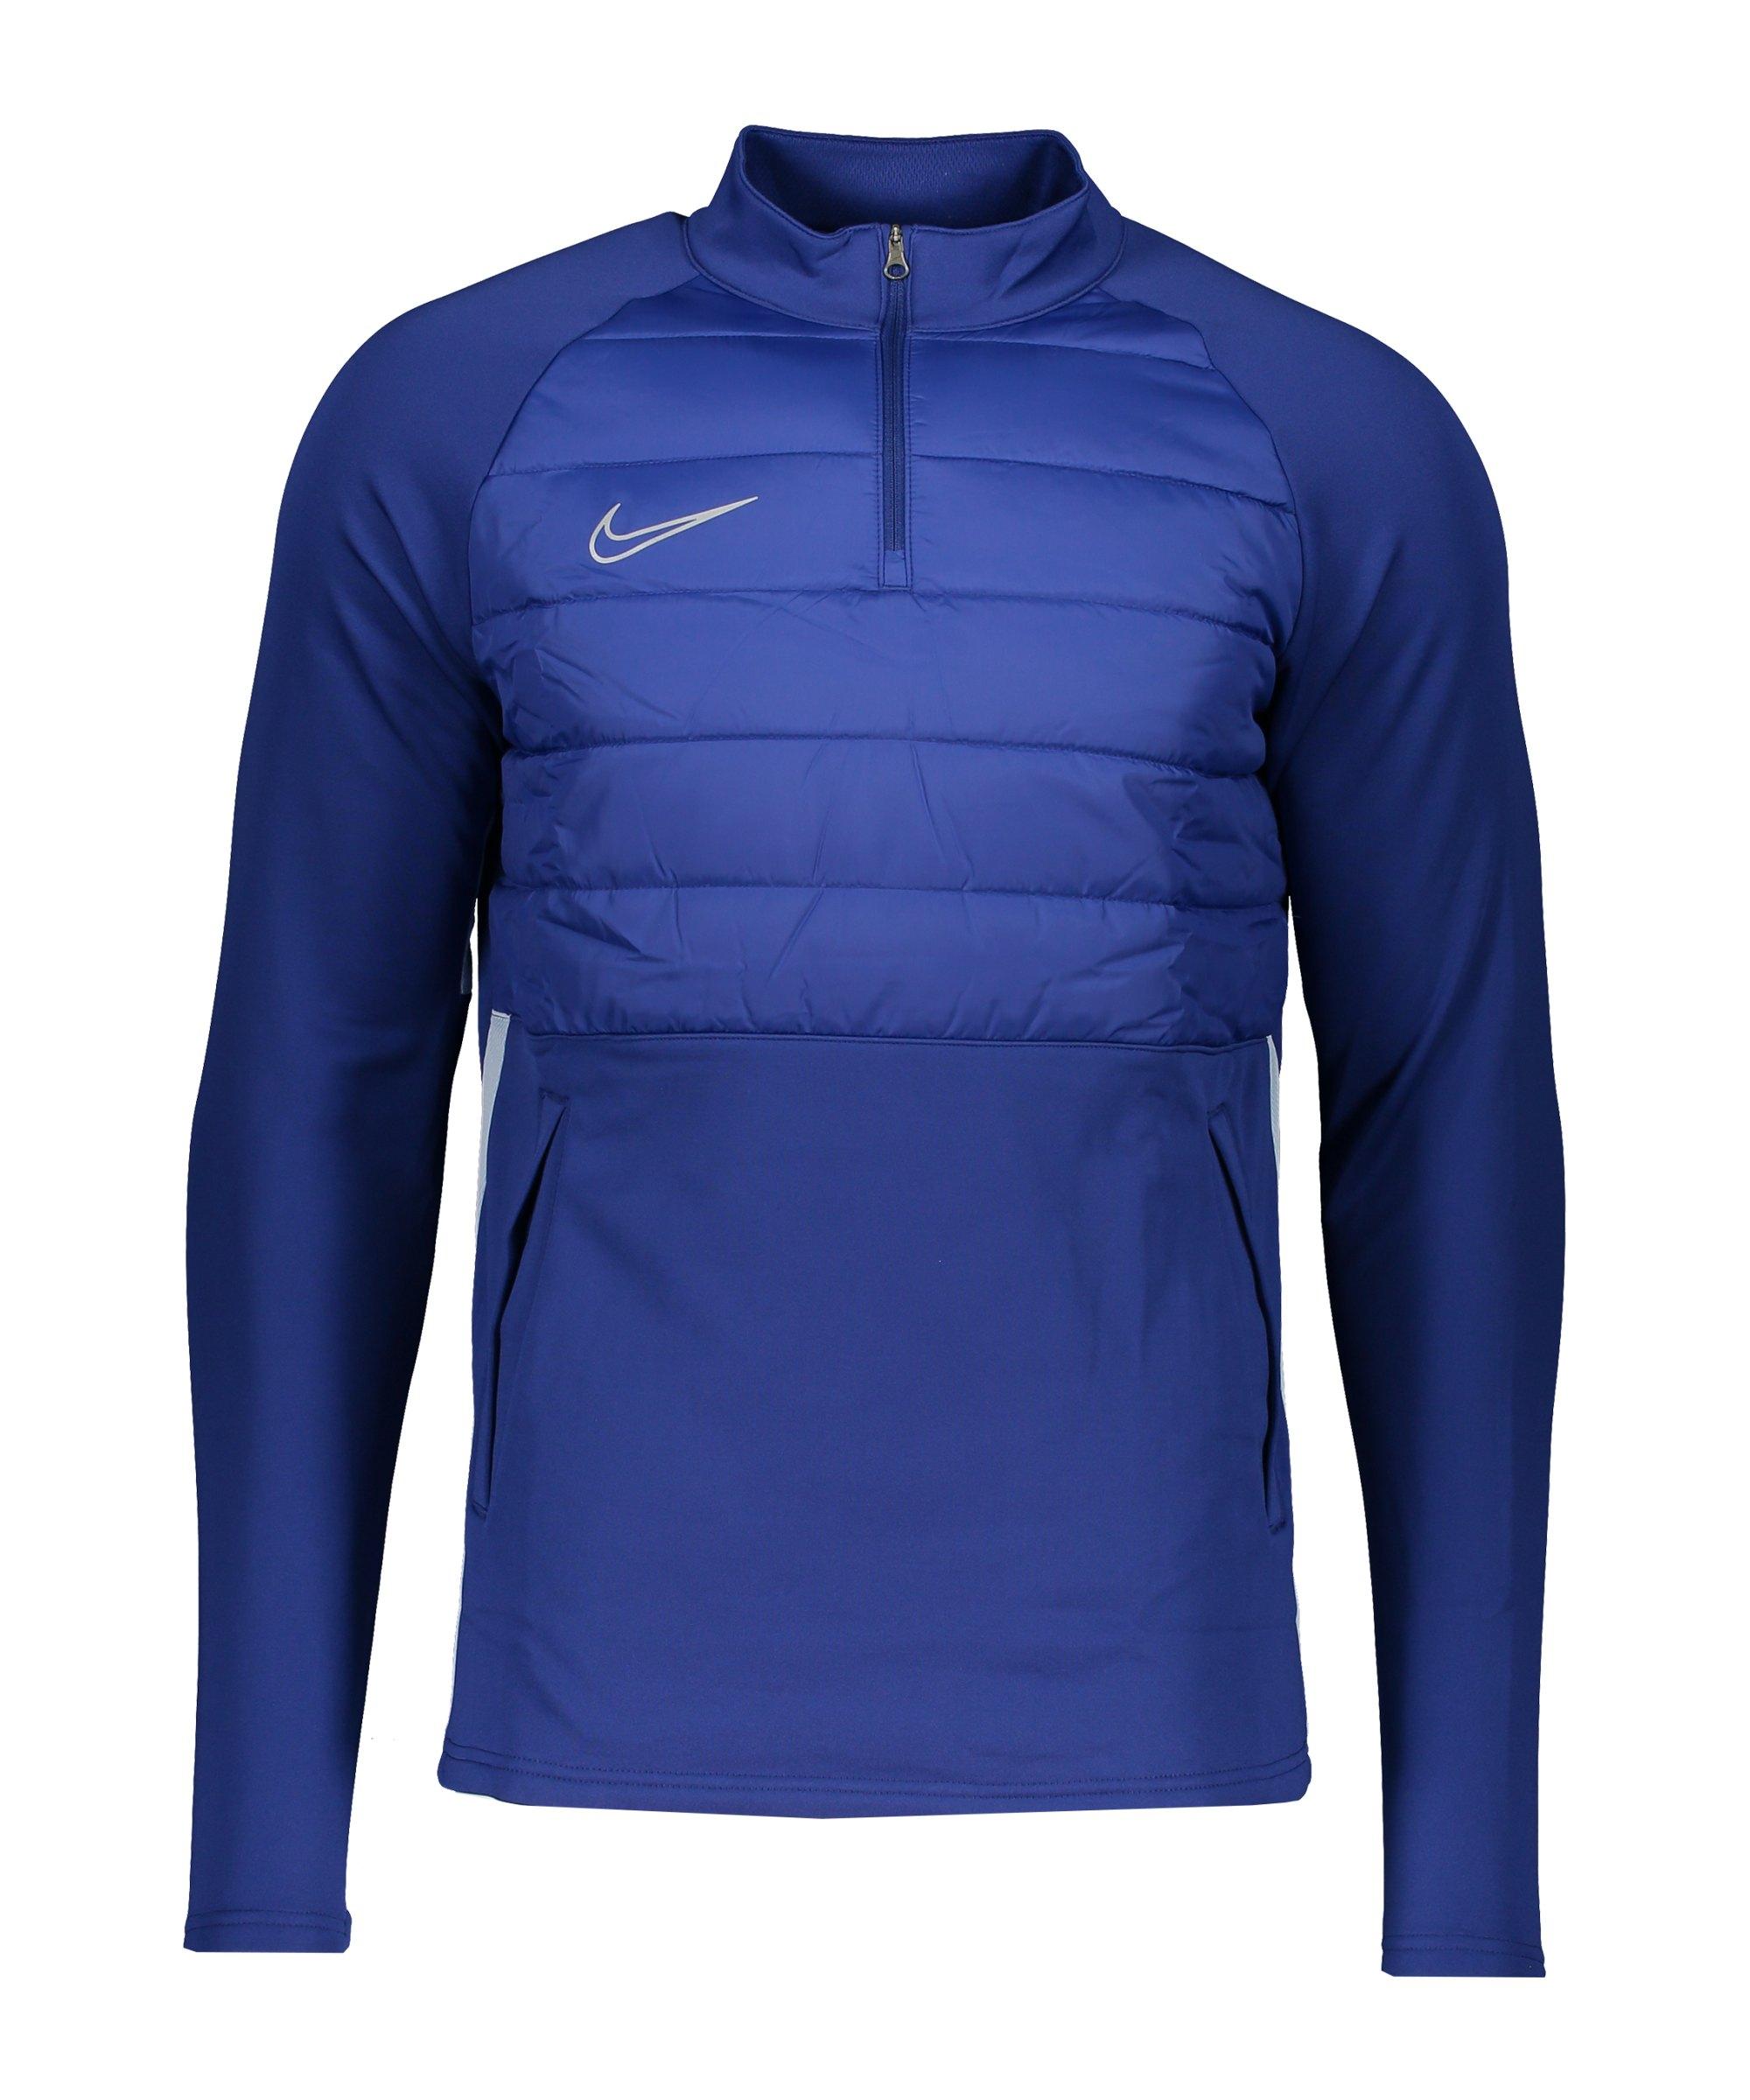 Nike Dry Academy Sweatshirt Blau F455 - blau